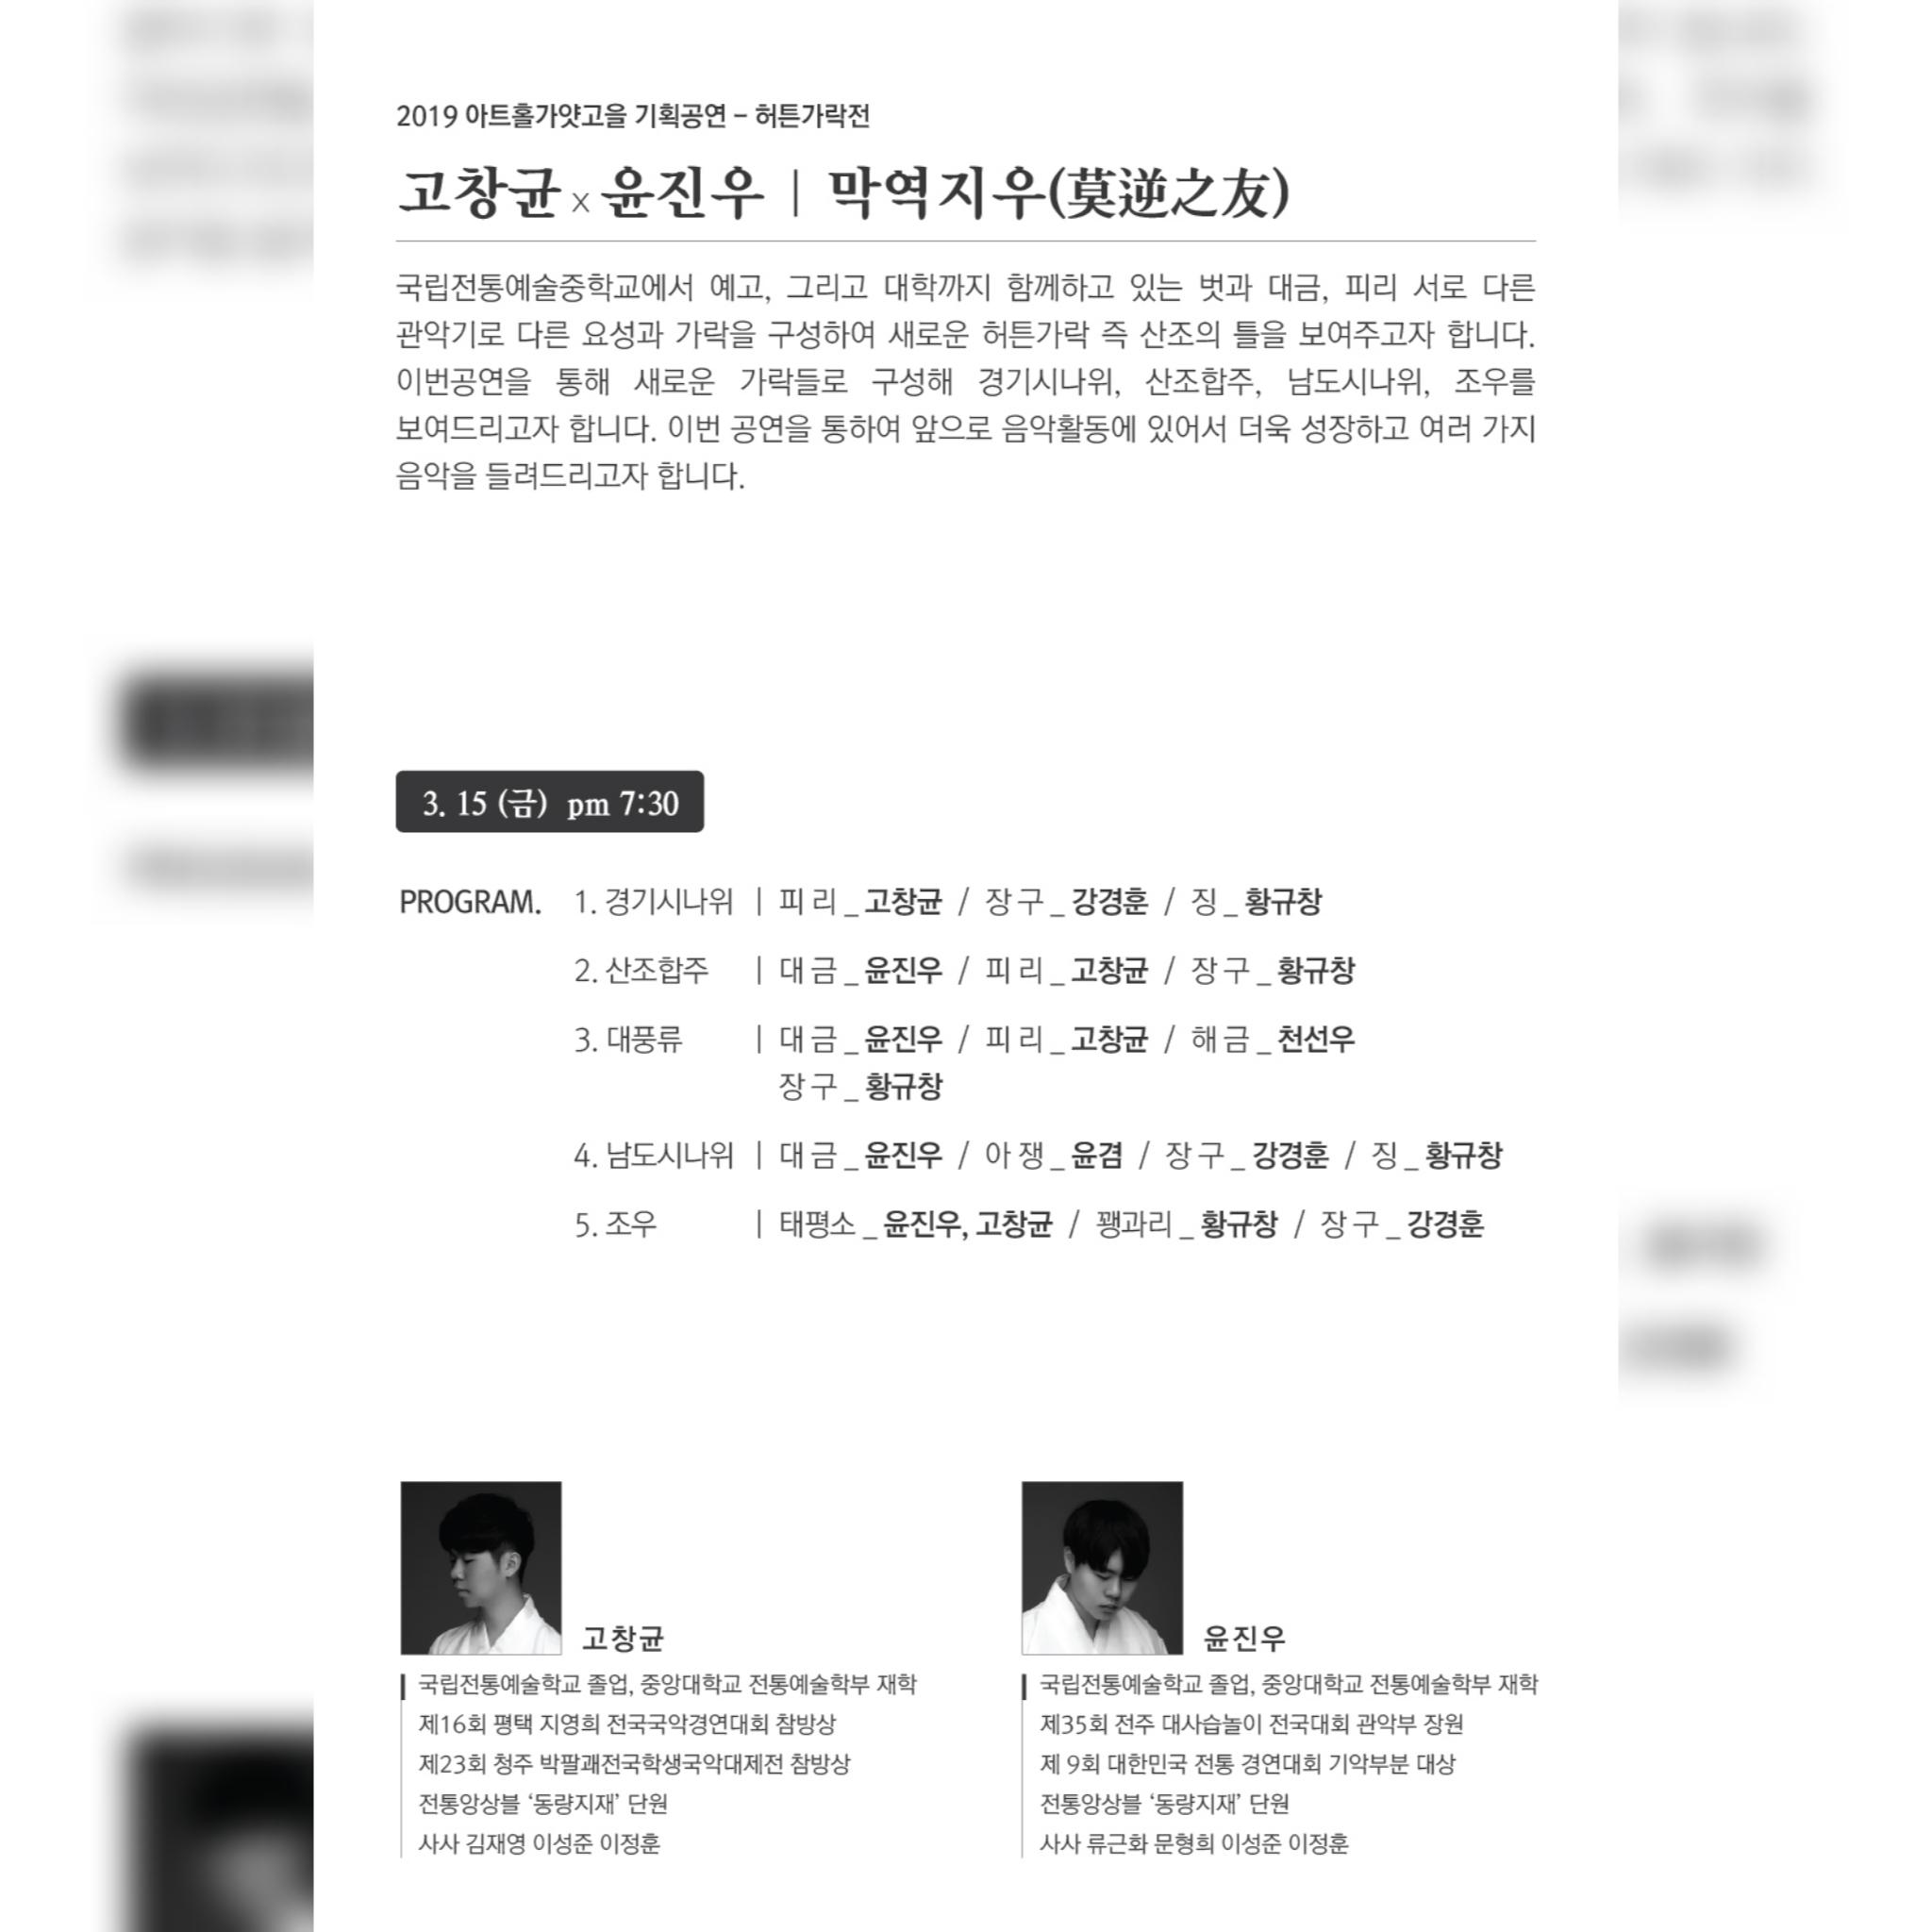 2019 아트홀가얏고을 기획공연 허튼가락전 - 고창균X윤진우 막역지우(莫逆之友)